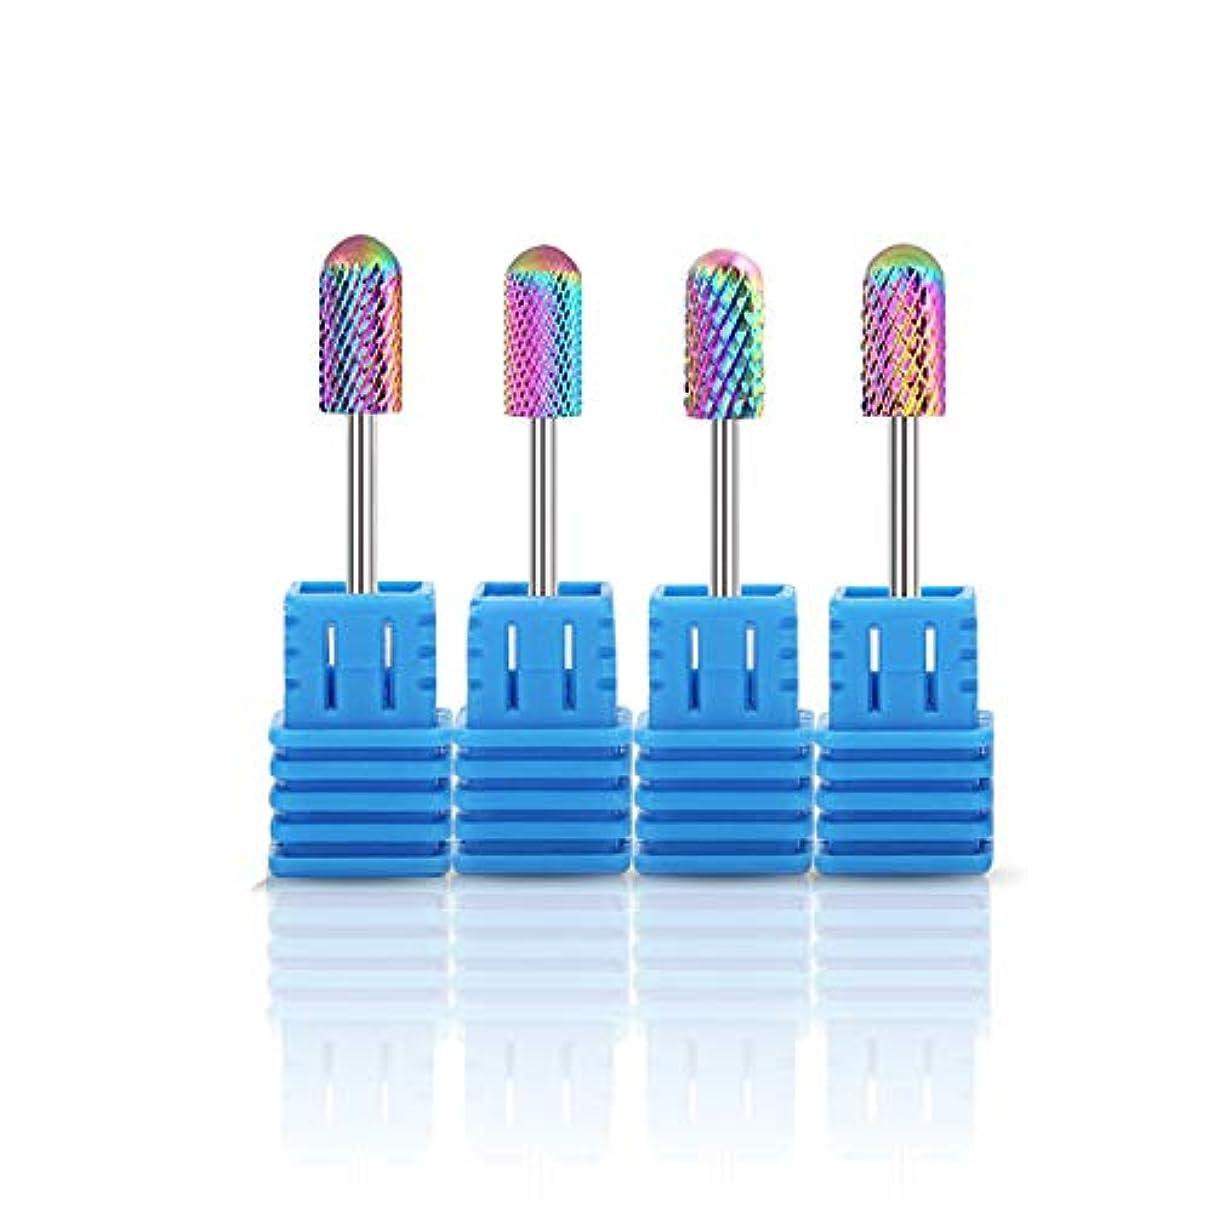 非難する電化する冷凍庫サントレード 4個入り ネイルファイルビットセット プロビットツール 3/32 ネイルマシーン用 ネイルアート ツール マニキュア